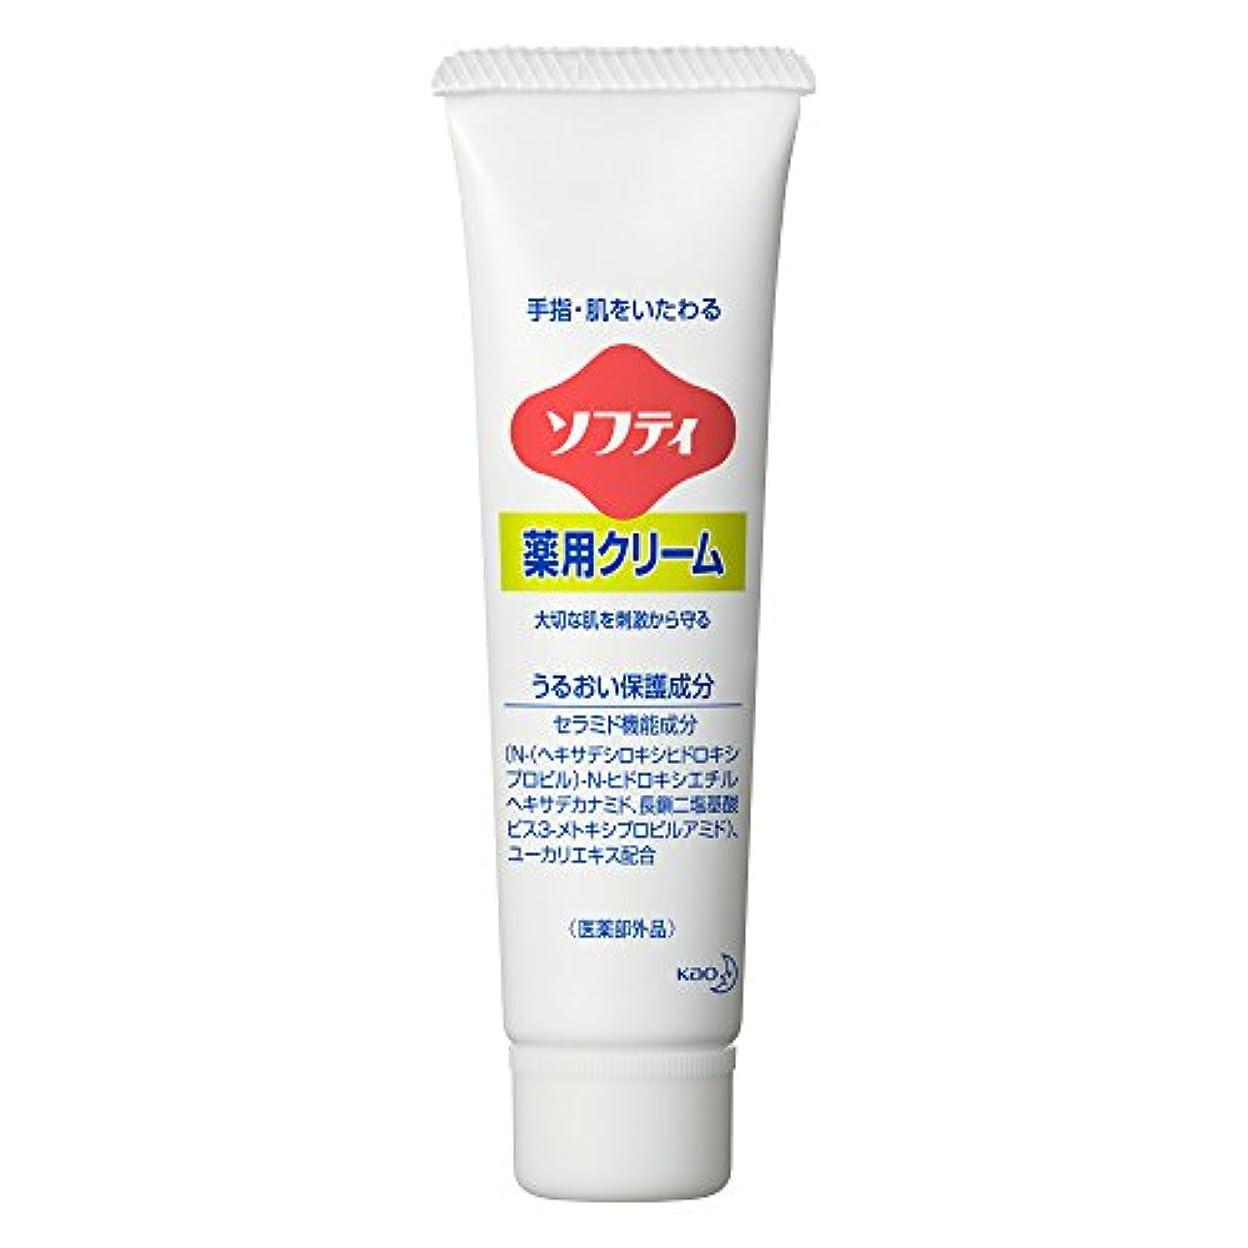 修羅場メロディアス持続的ソフティ 薬用クリーム 35g (花王プロフェッショナルシリーズ)